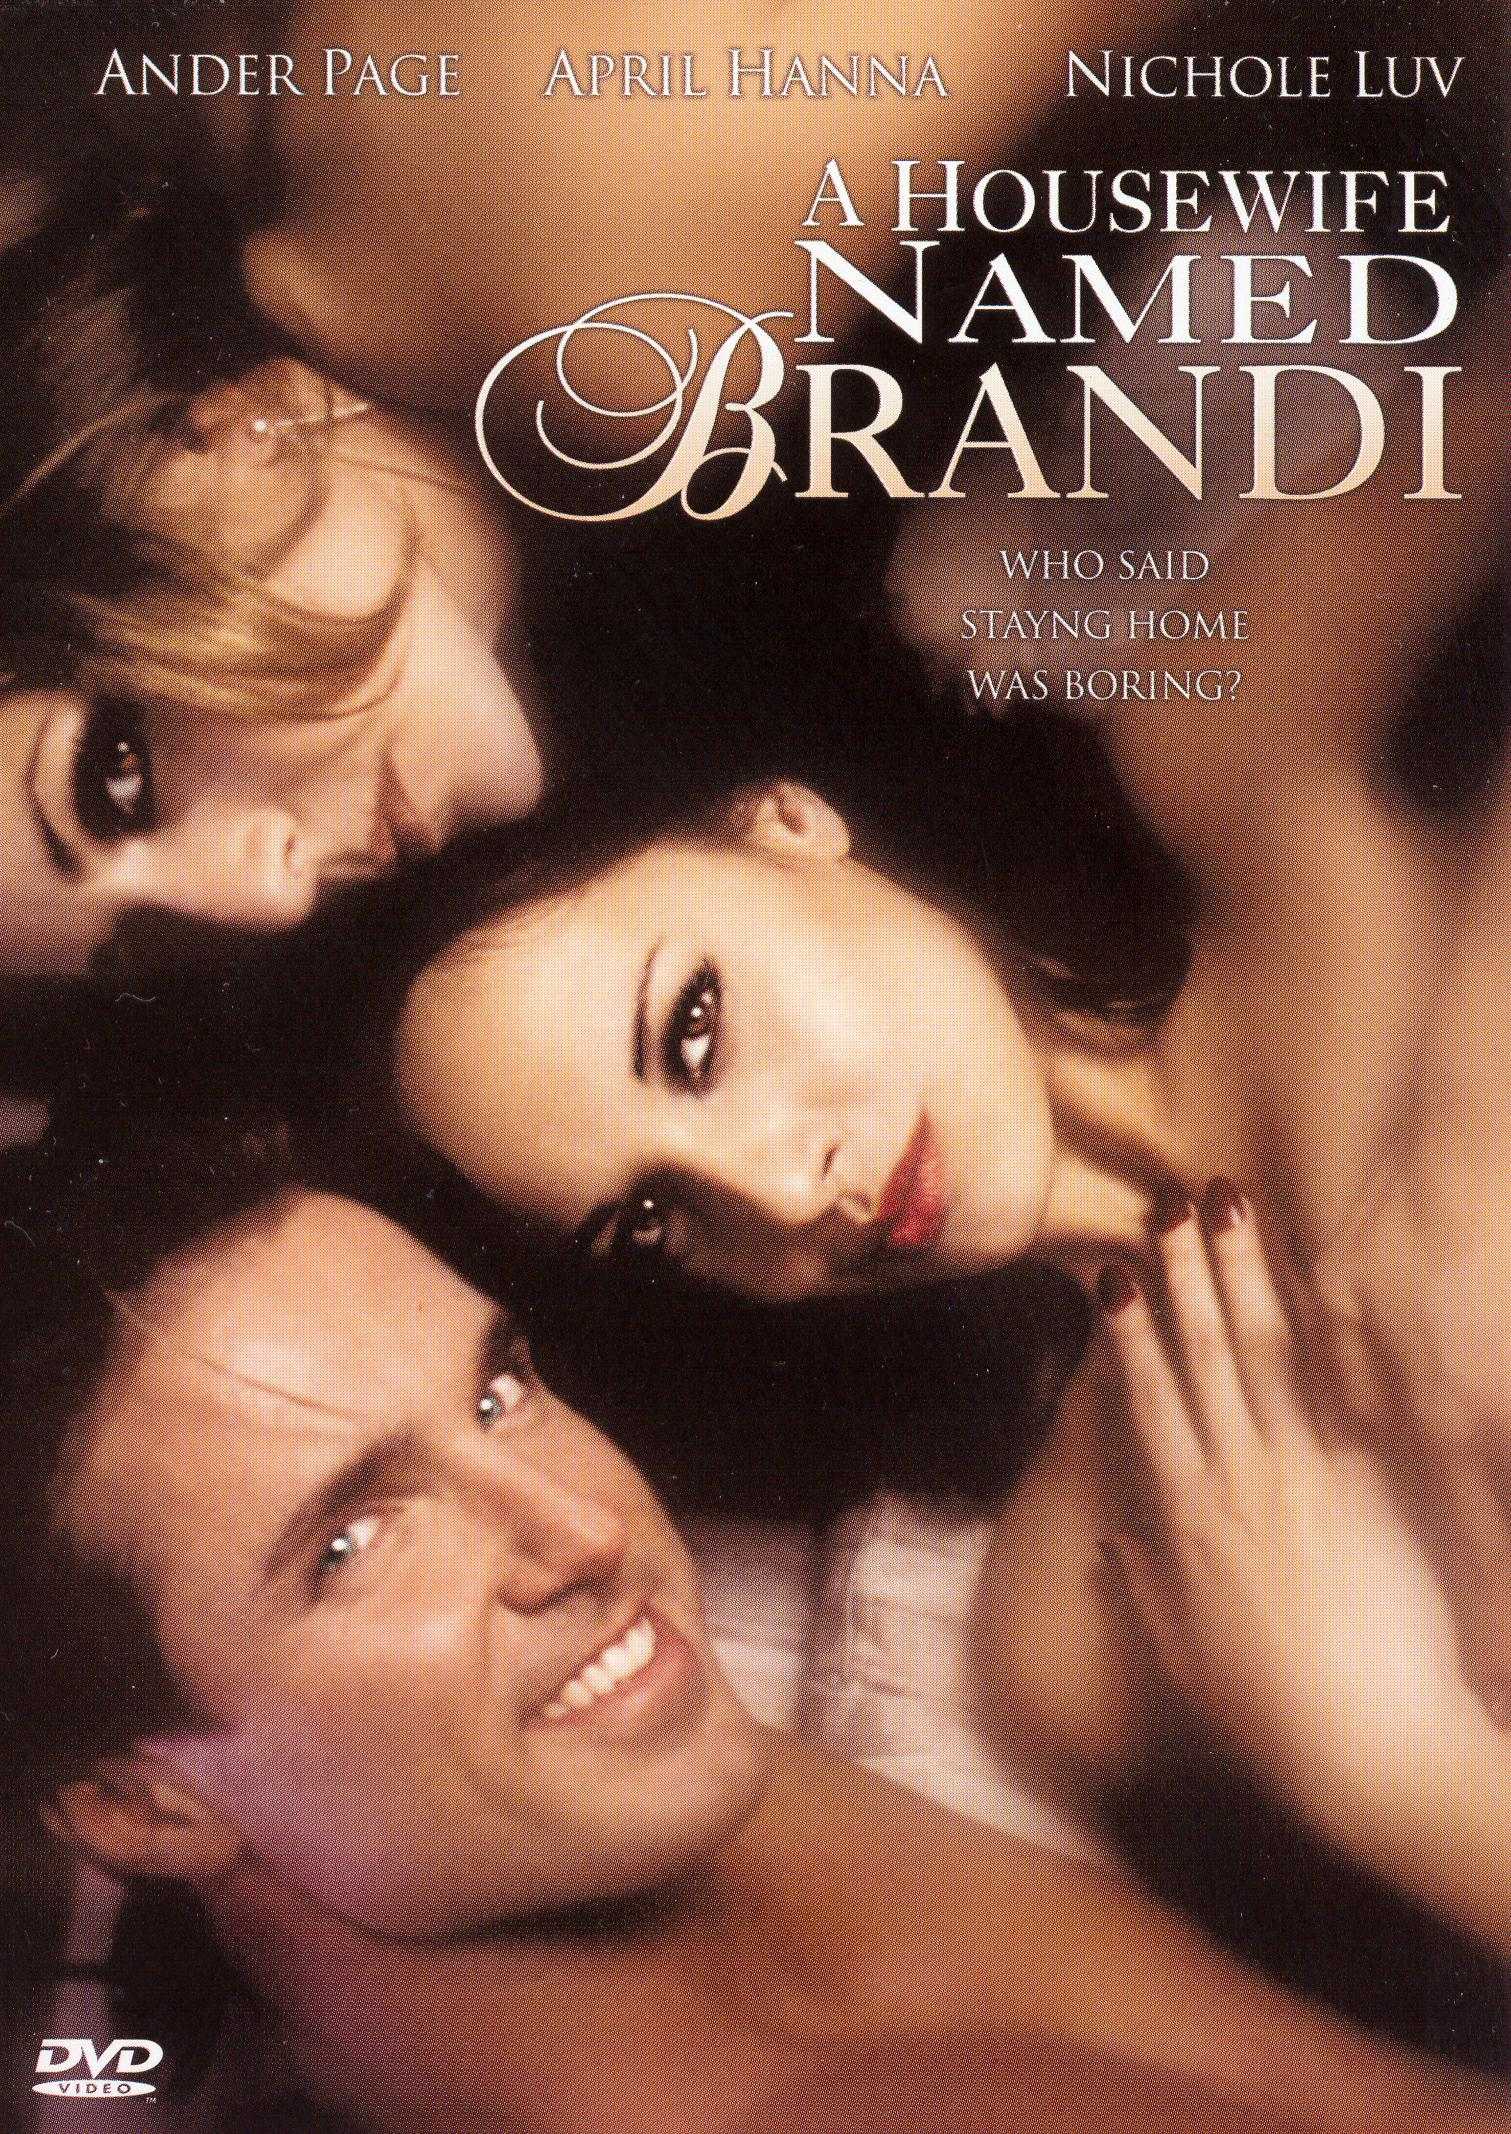 A Housewife Named Brandi